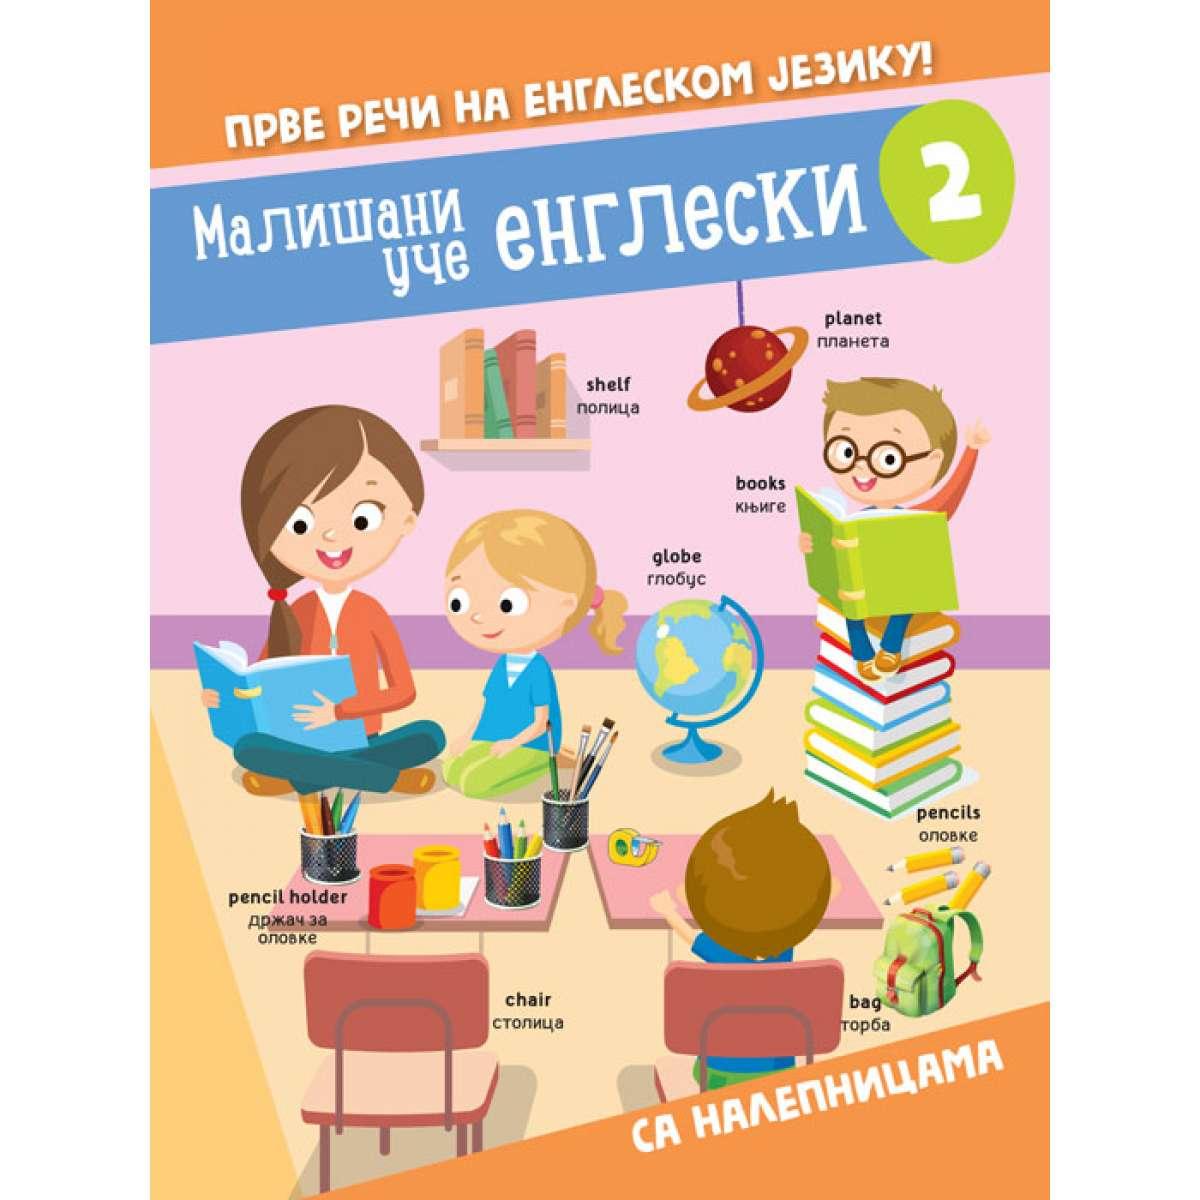 Mališani uče engleski 2